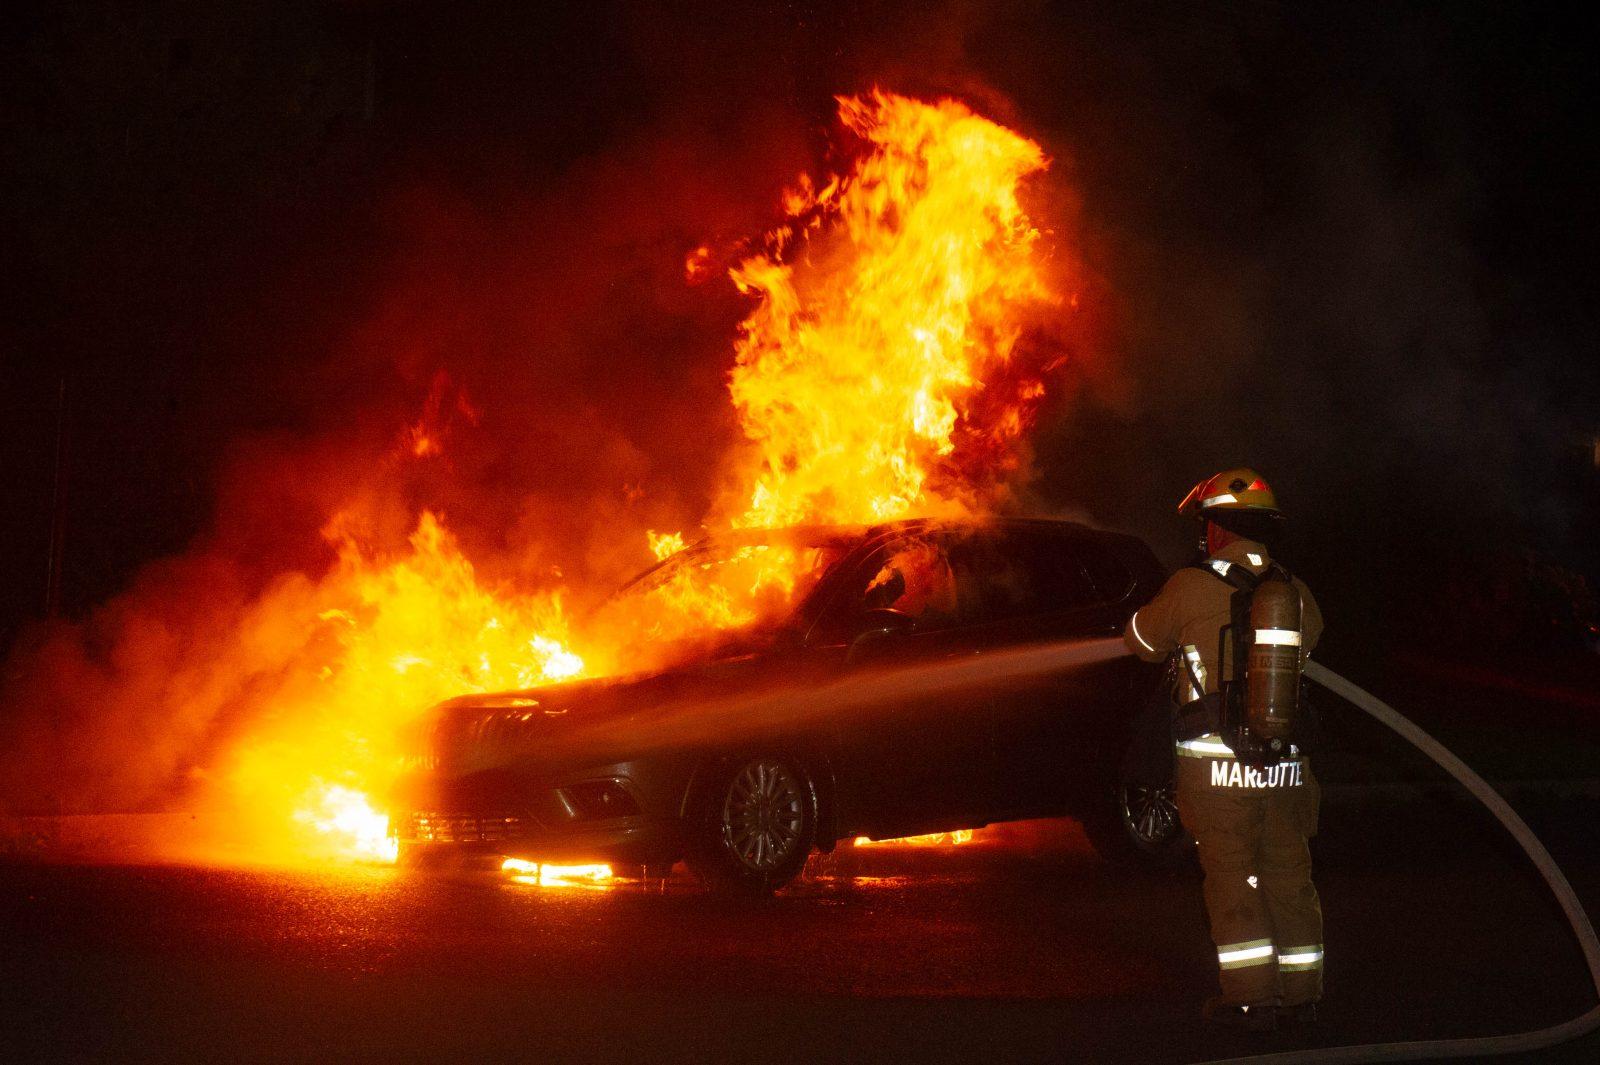 Incendie criminel sur la rue de Varsovie (mise à jour)